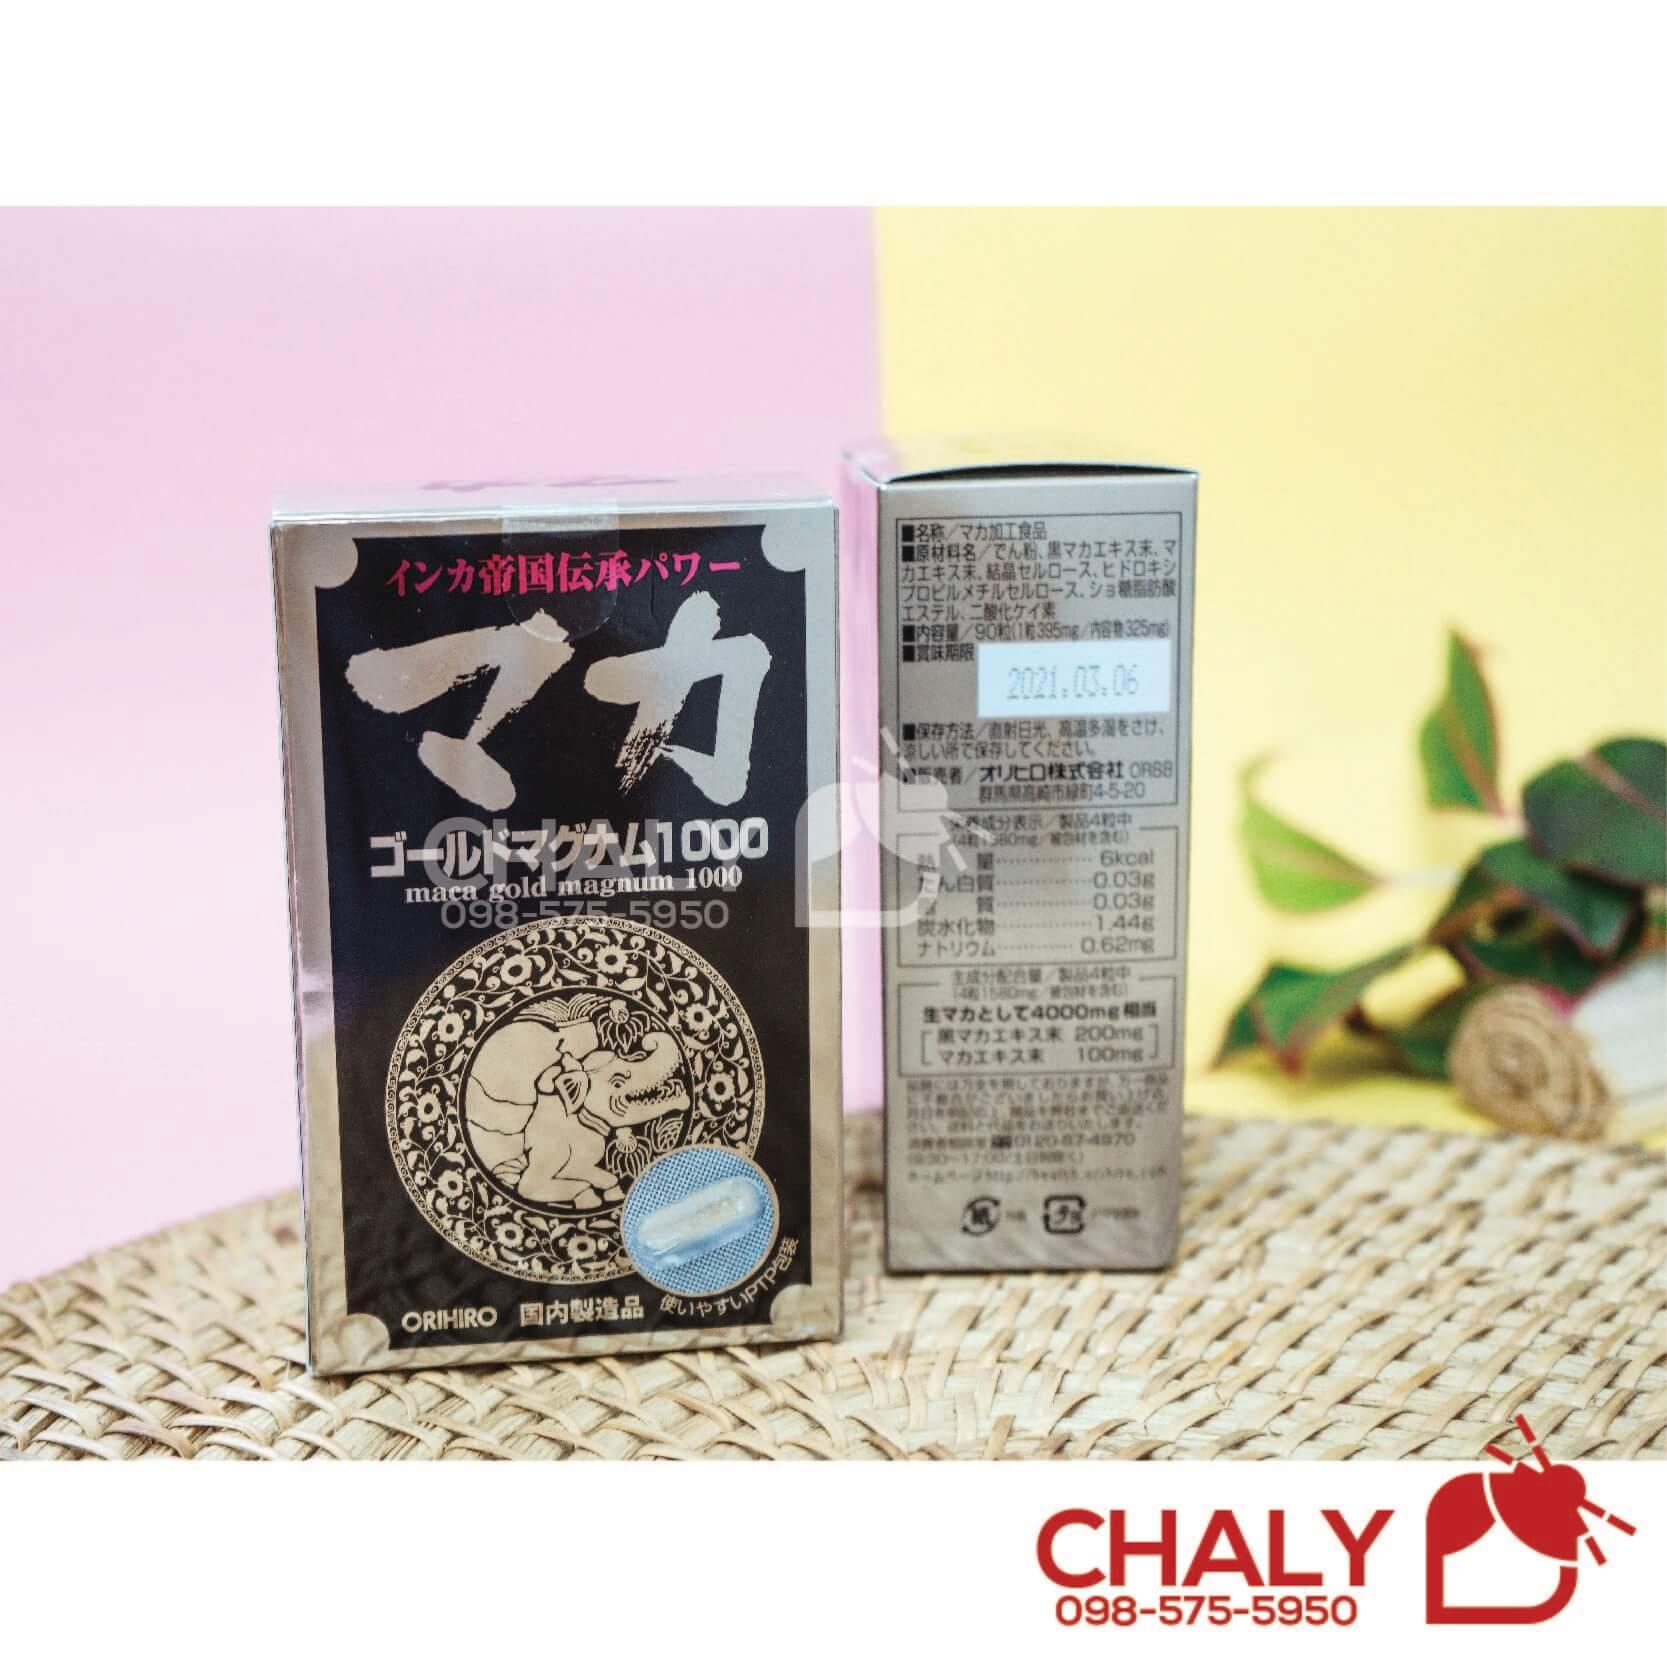 Viên Orihiro Maca Gold Magnum 1000 Nhật Bản